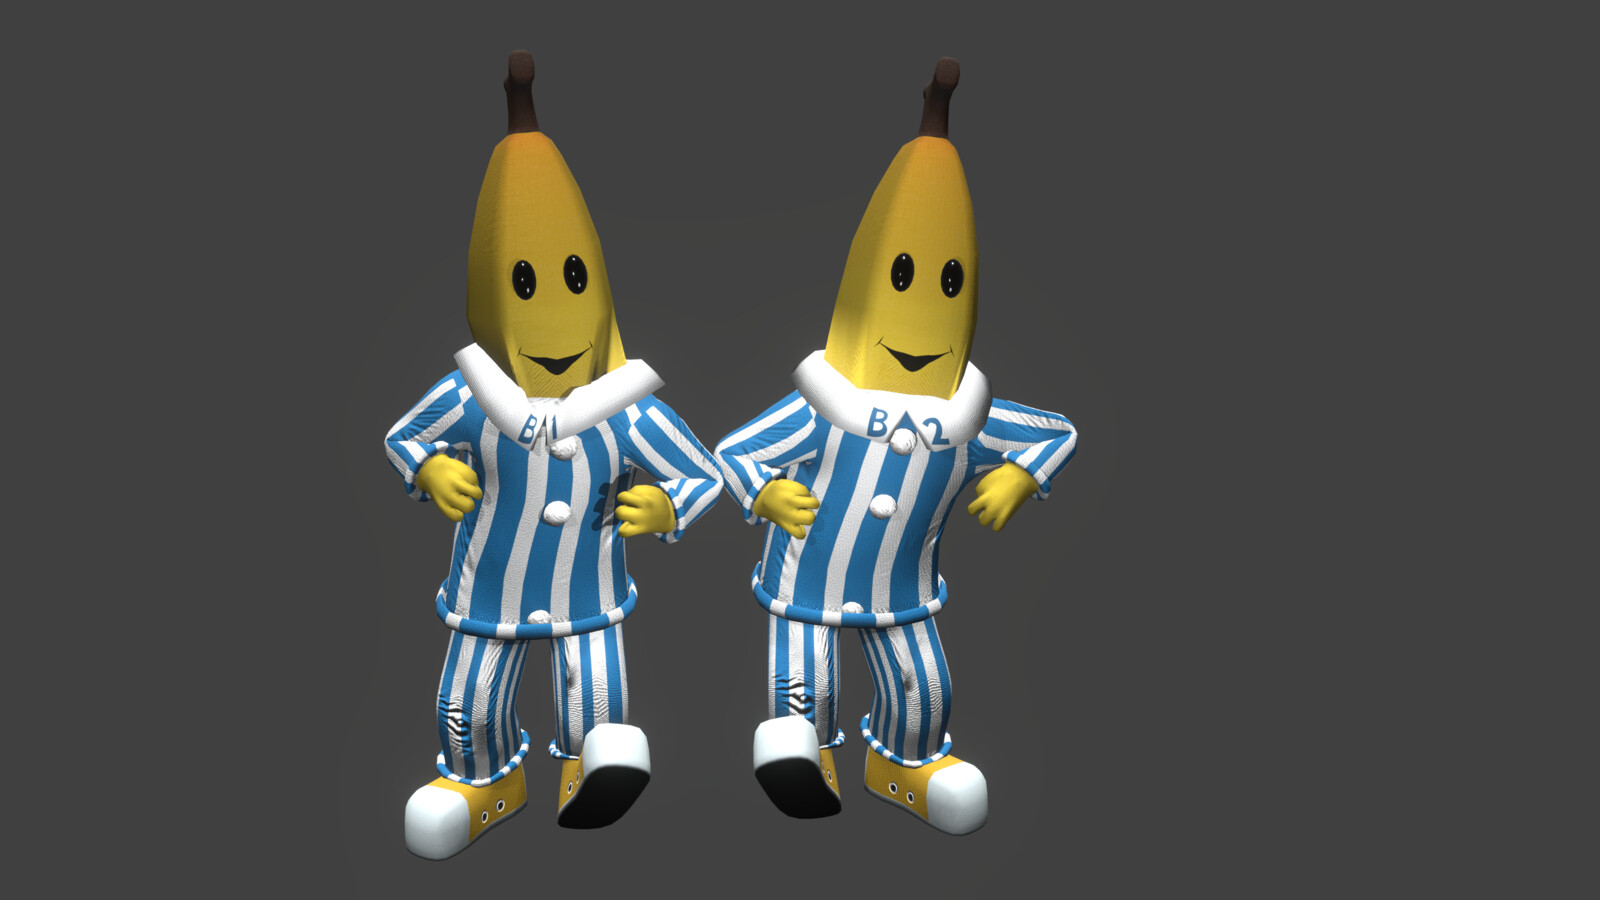 Bananas in Pyjamas!